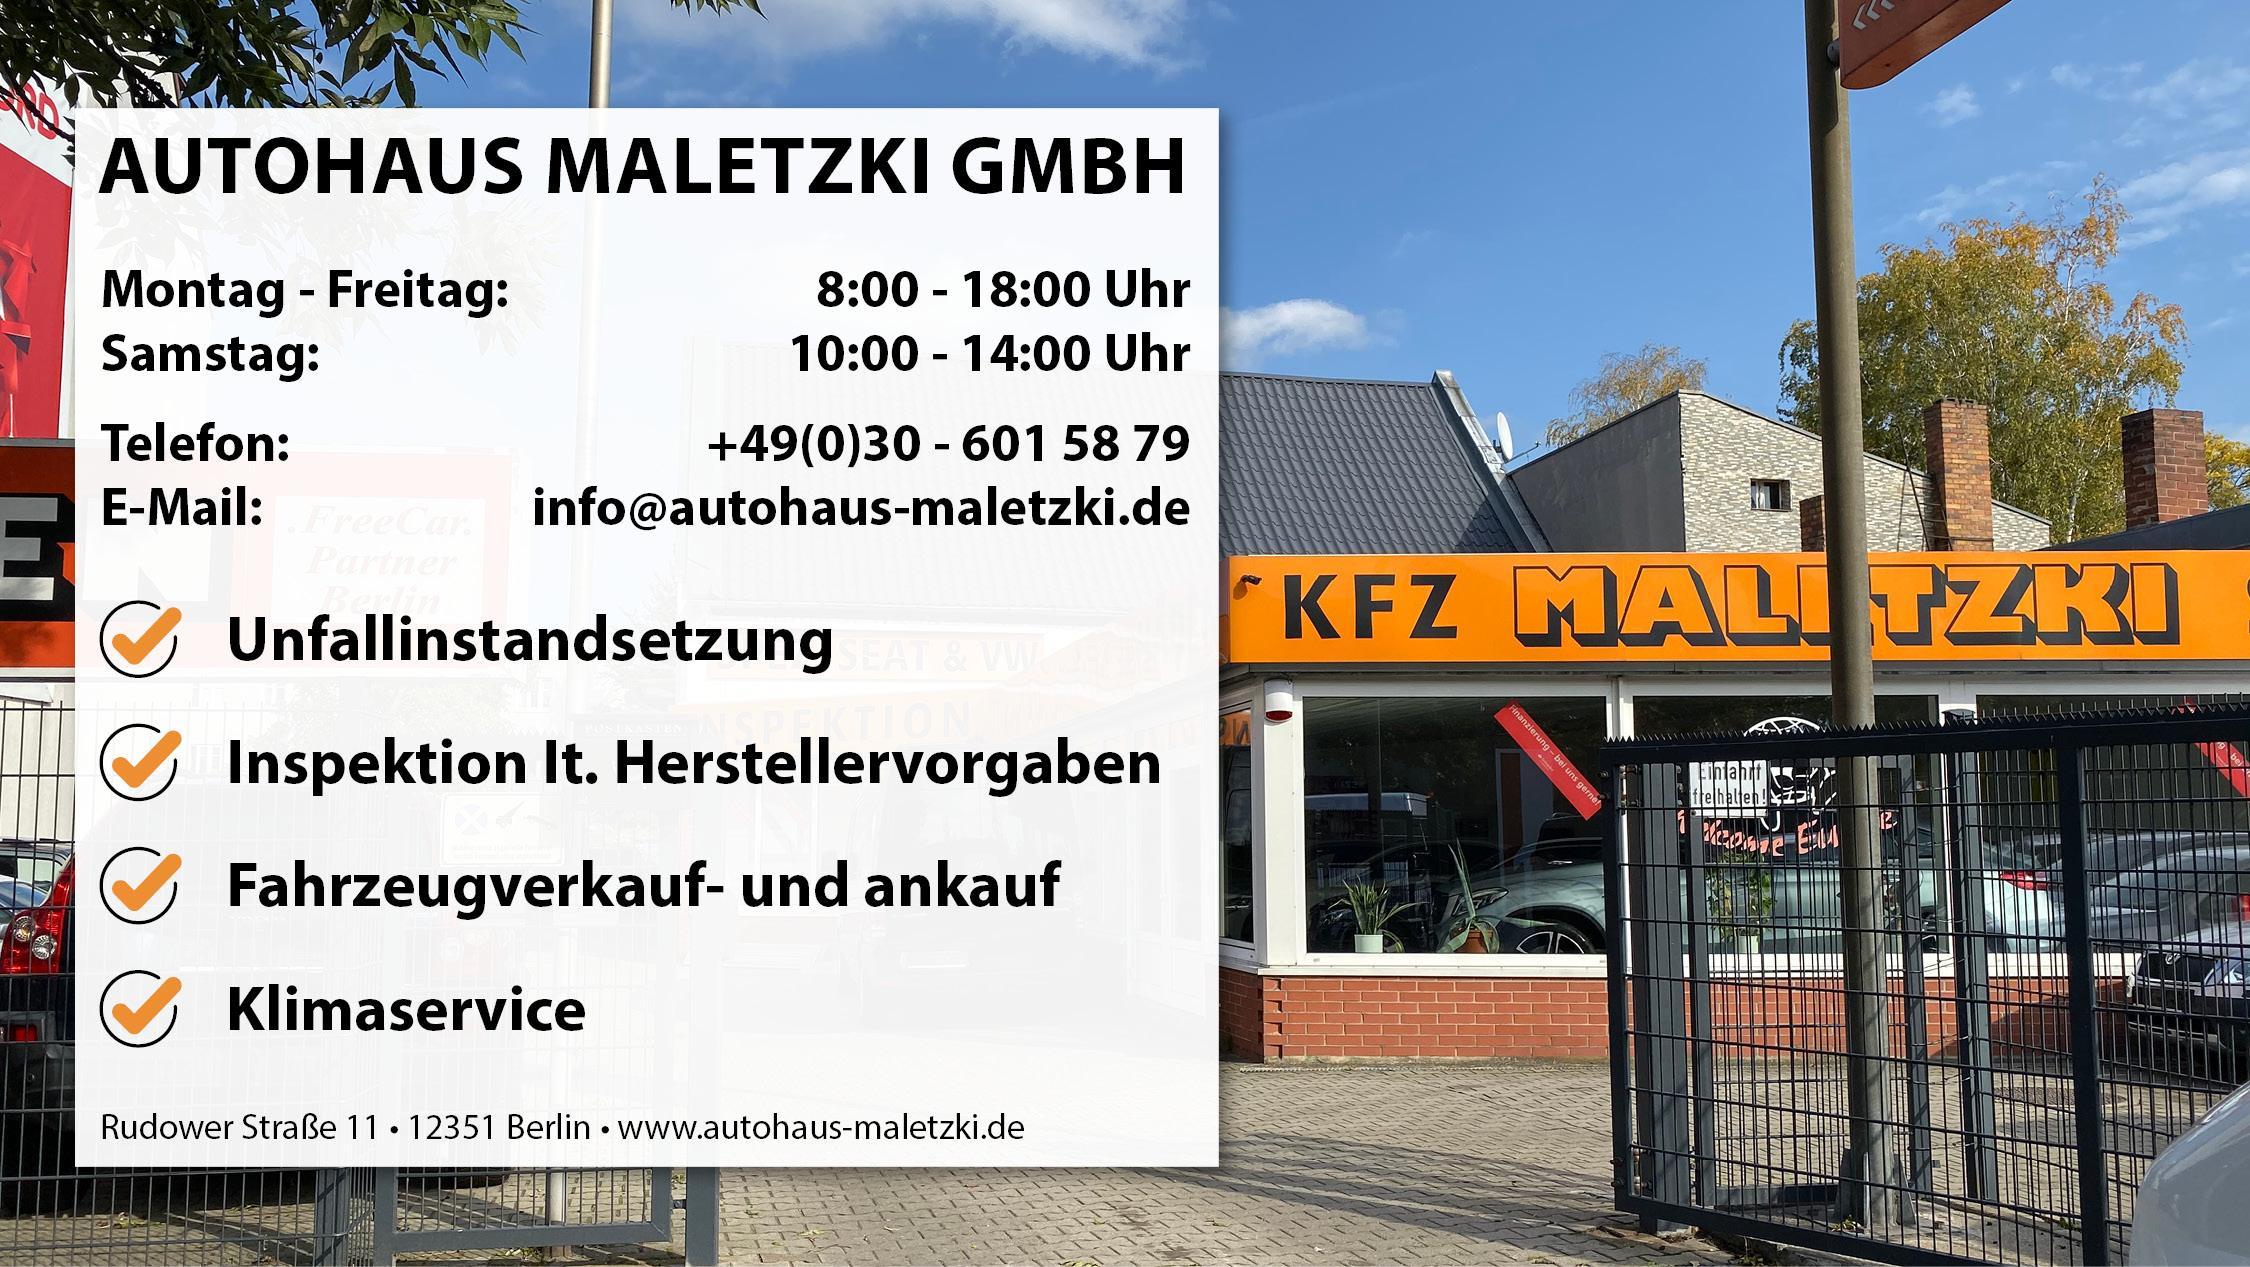 Autohaus Maletzki GmbH, Rudower Straße in Berlin